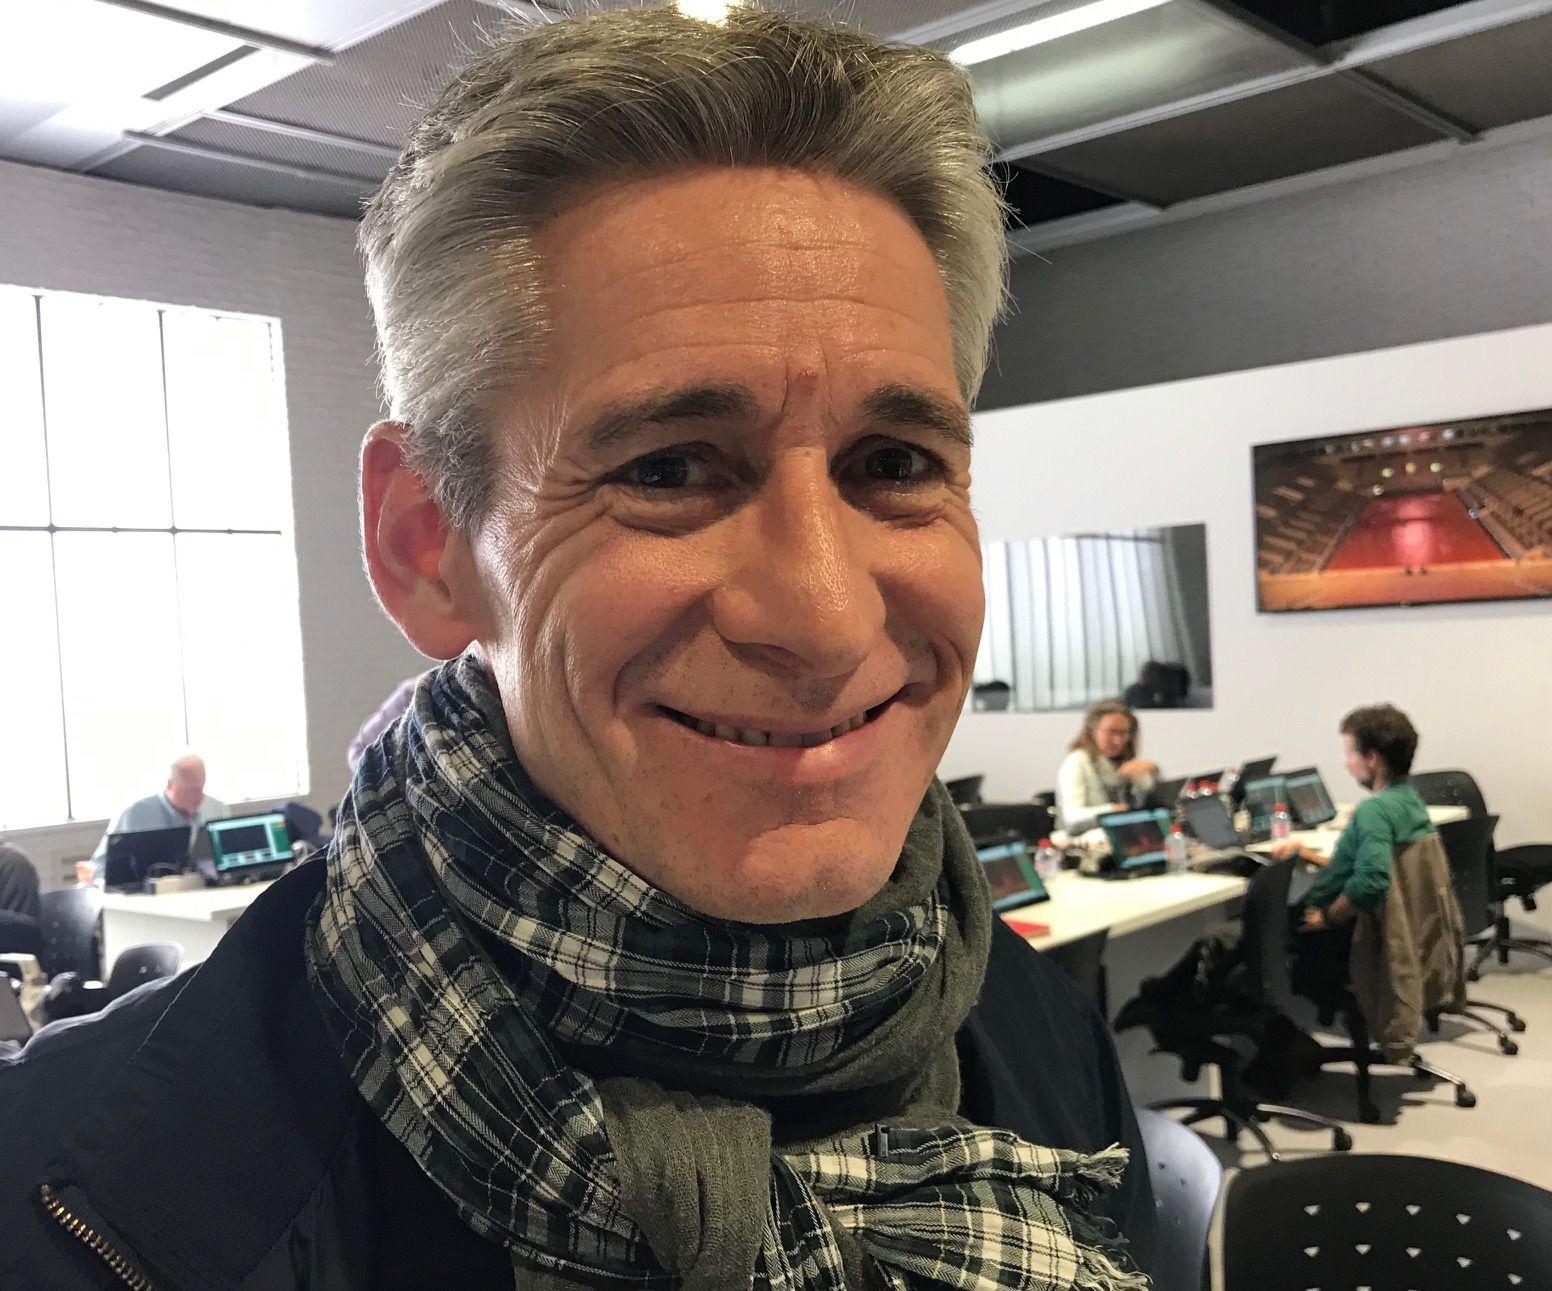 EN DRØM: Journalist i Le Figaro, Jean Julien Ezvan, jobbet sent på pressesenteret i Paris tirsdag kveld. Han gleder seg over fremgangen til Casper Ruud og norsk tennis.